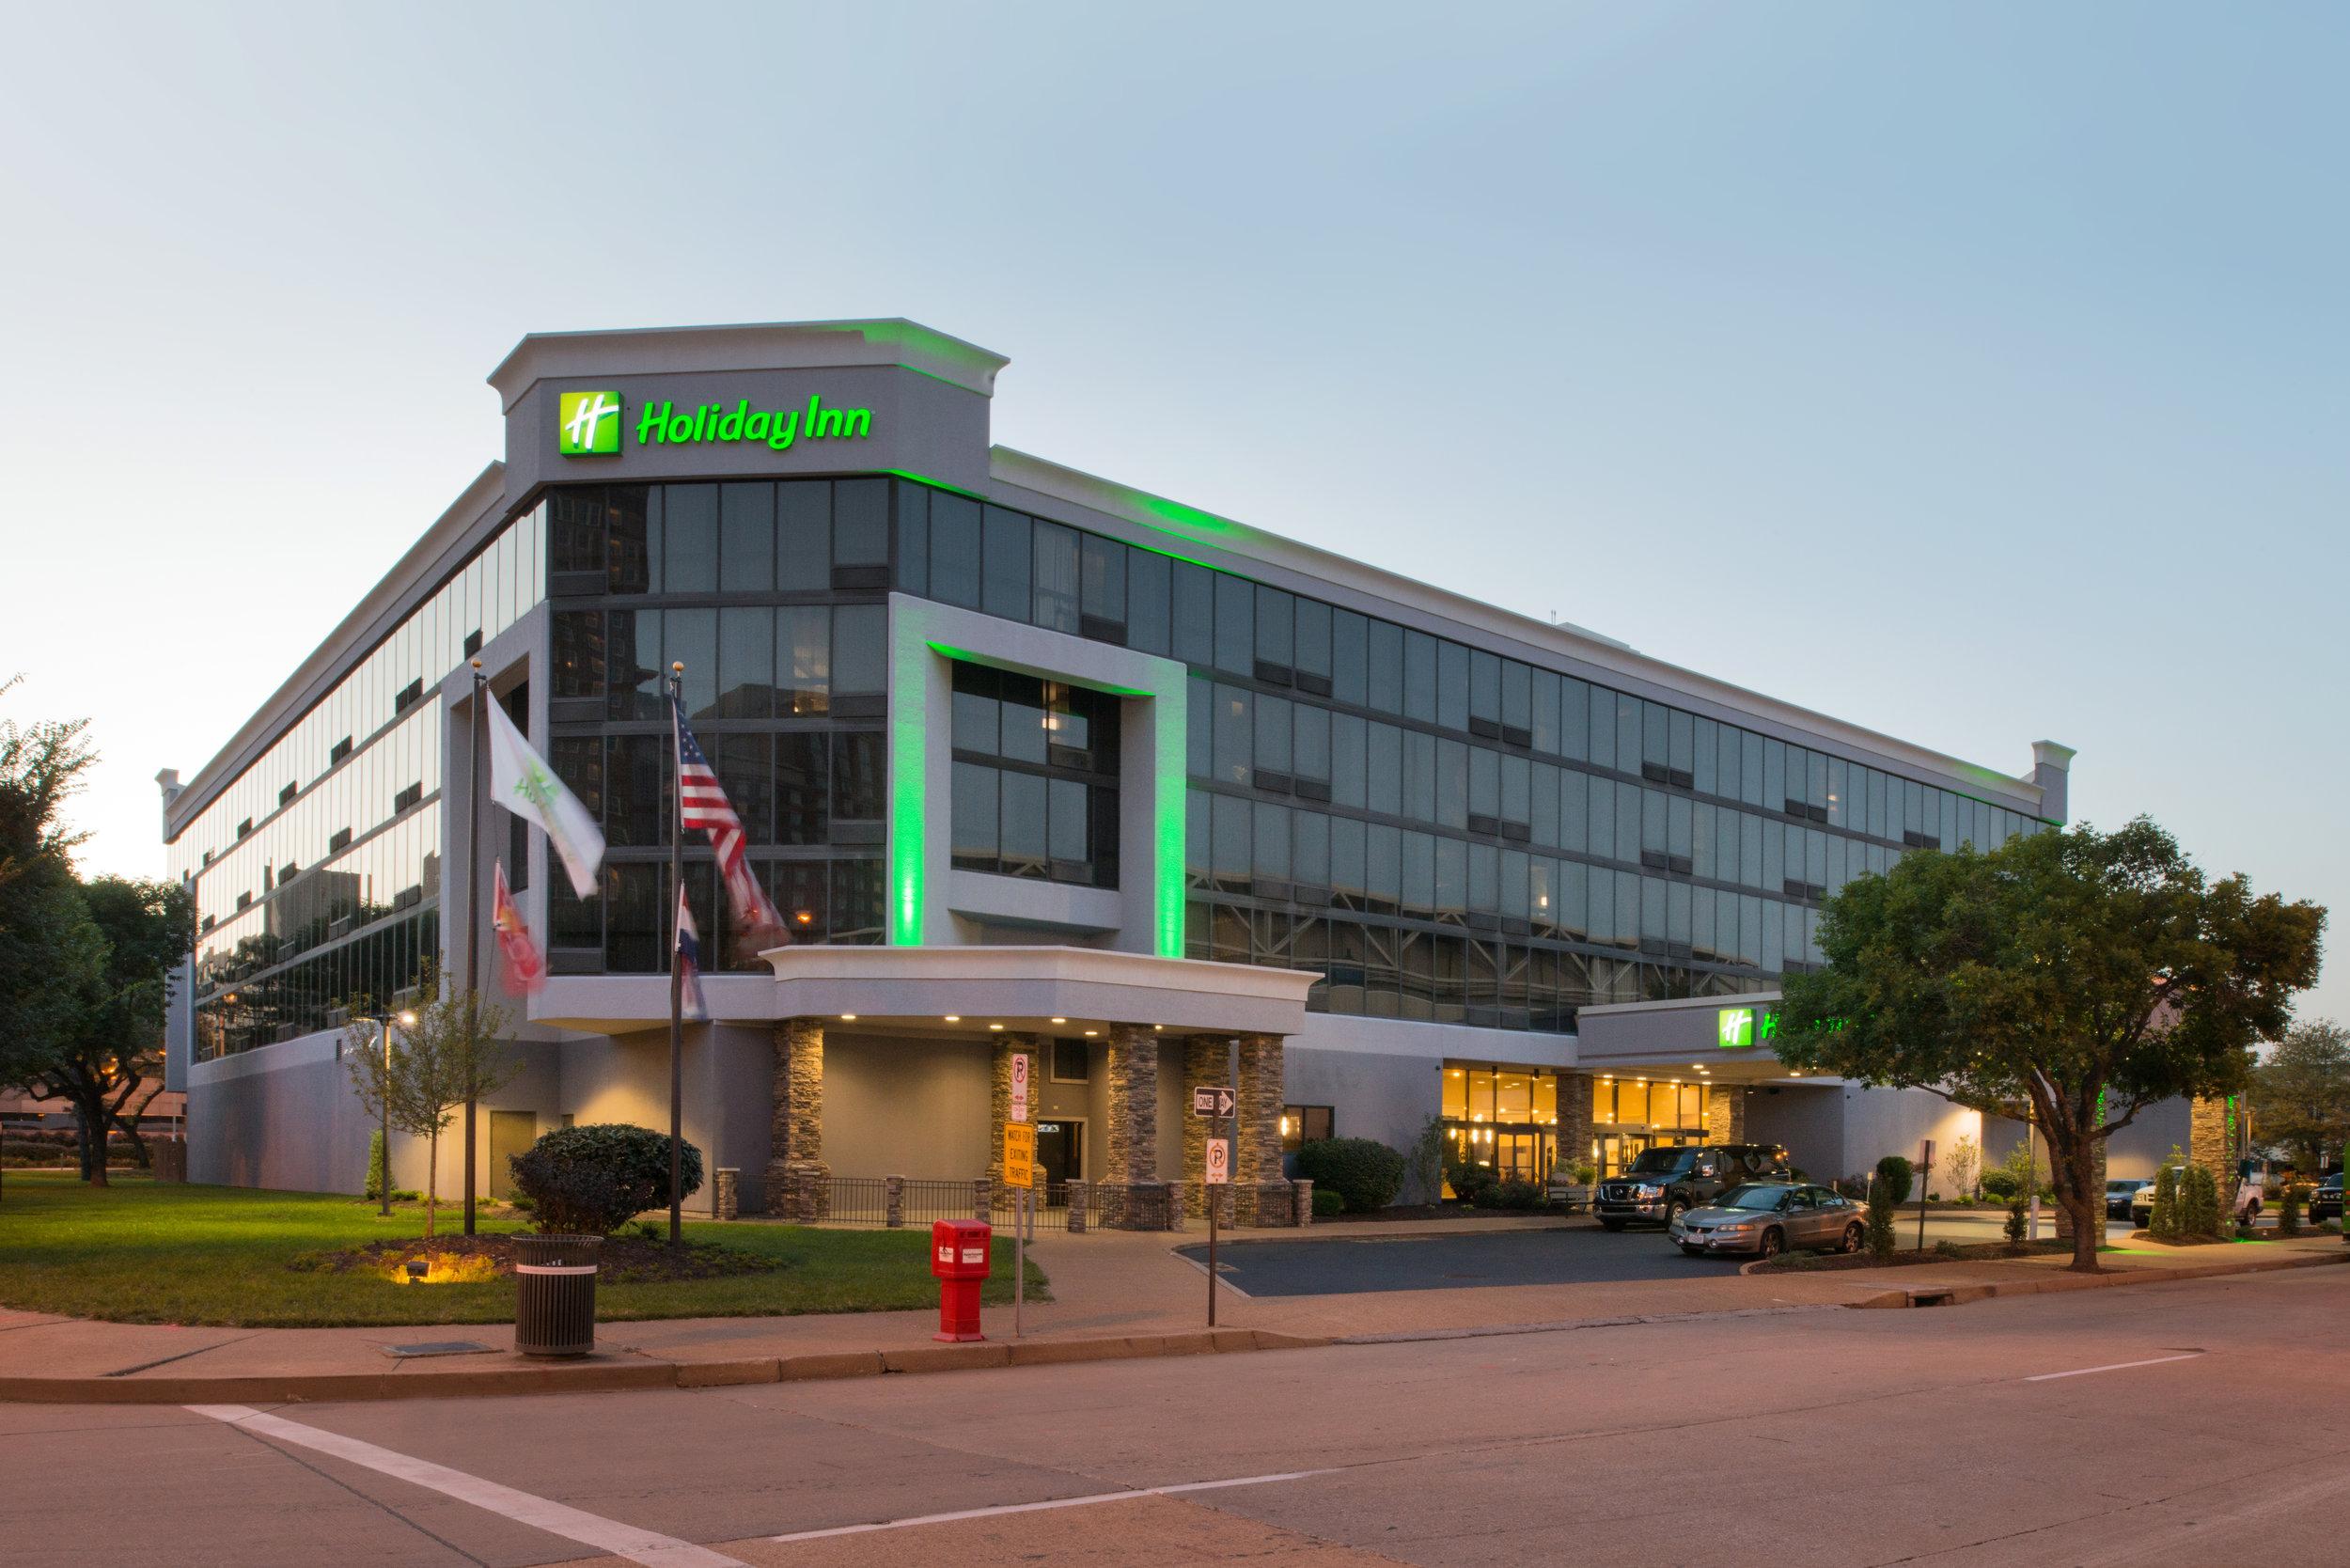 Holiday Inn Exterior.jpg